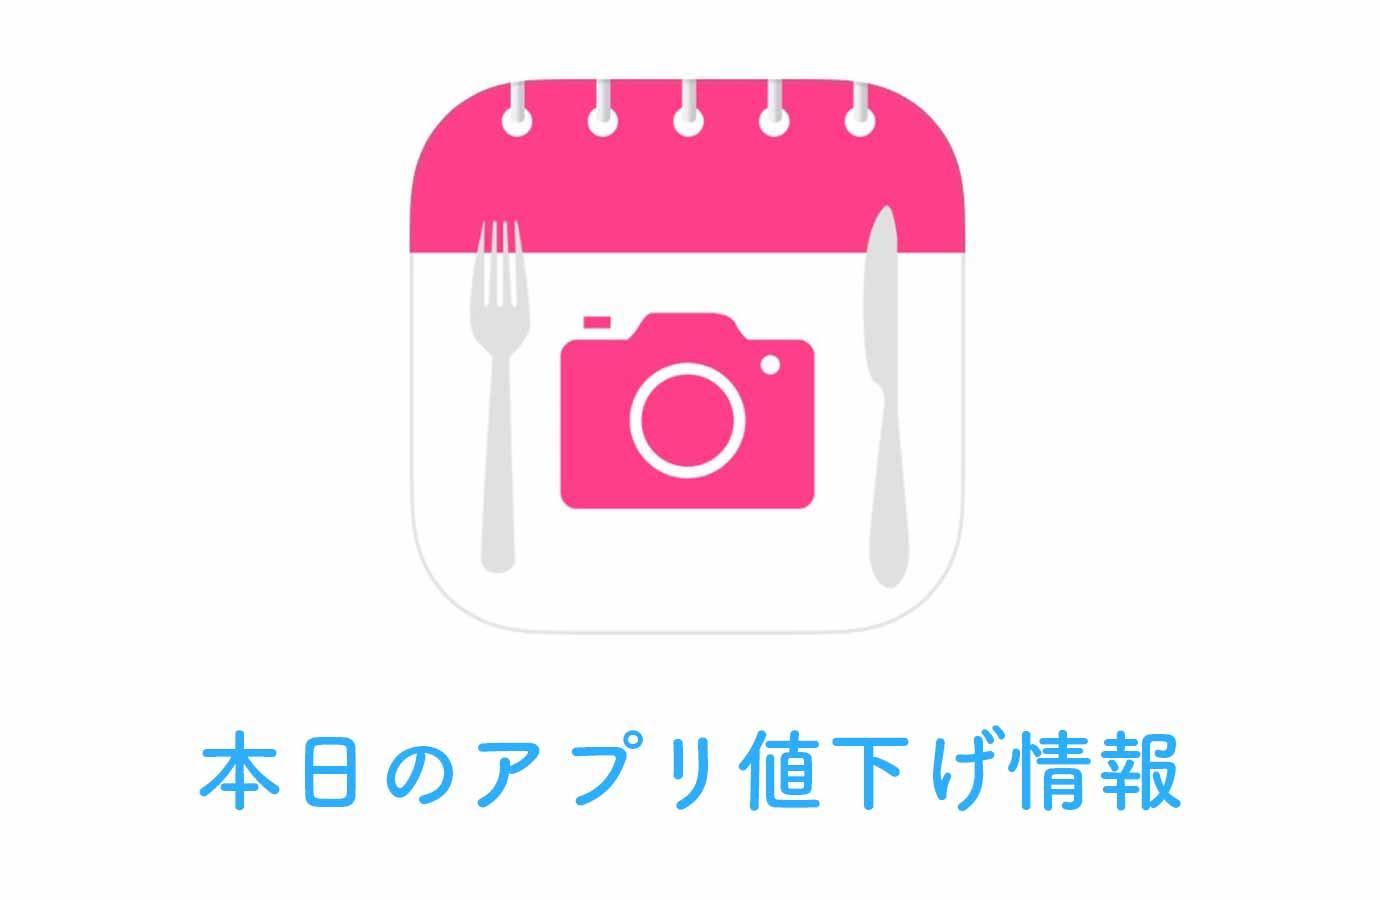 ¥150→無料!毎日食べたものを記録できる「My Food Diary 365」など【7/8版】アプリ値下げ情報